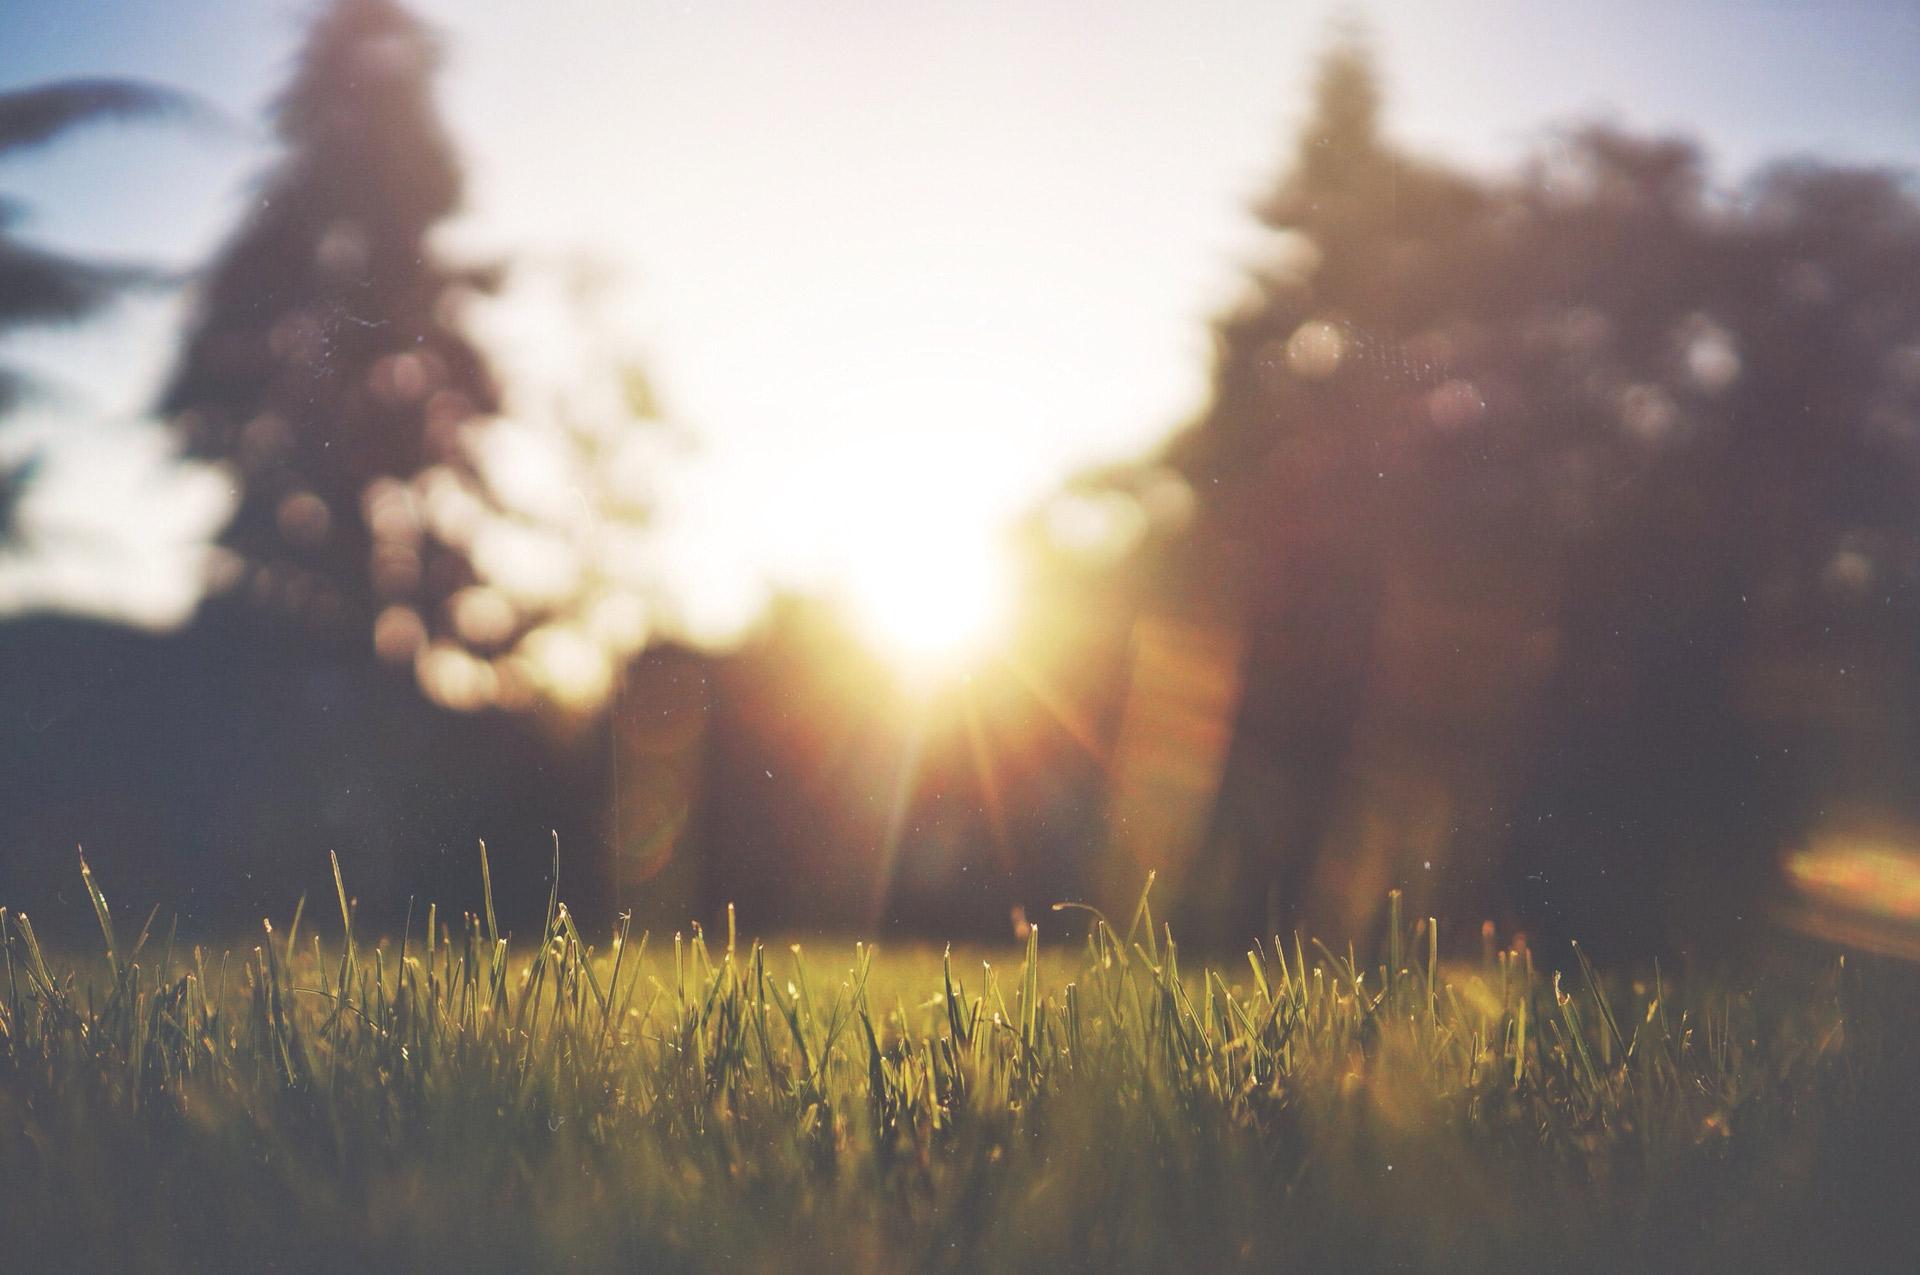 Deep Green Lawn Care & Landscaping - Alabaster, Pelham, Chelsea, Hoover, Vestavia